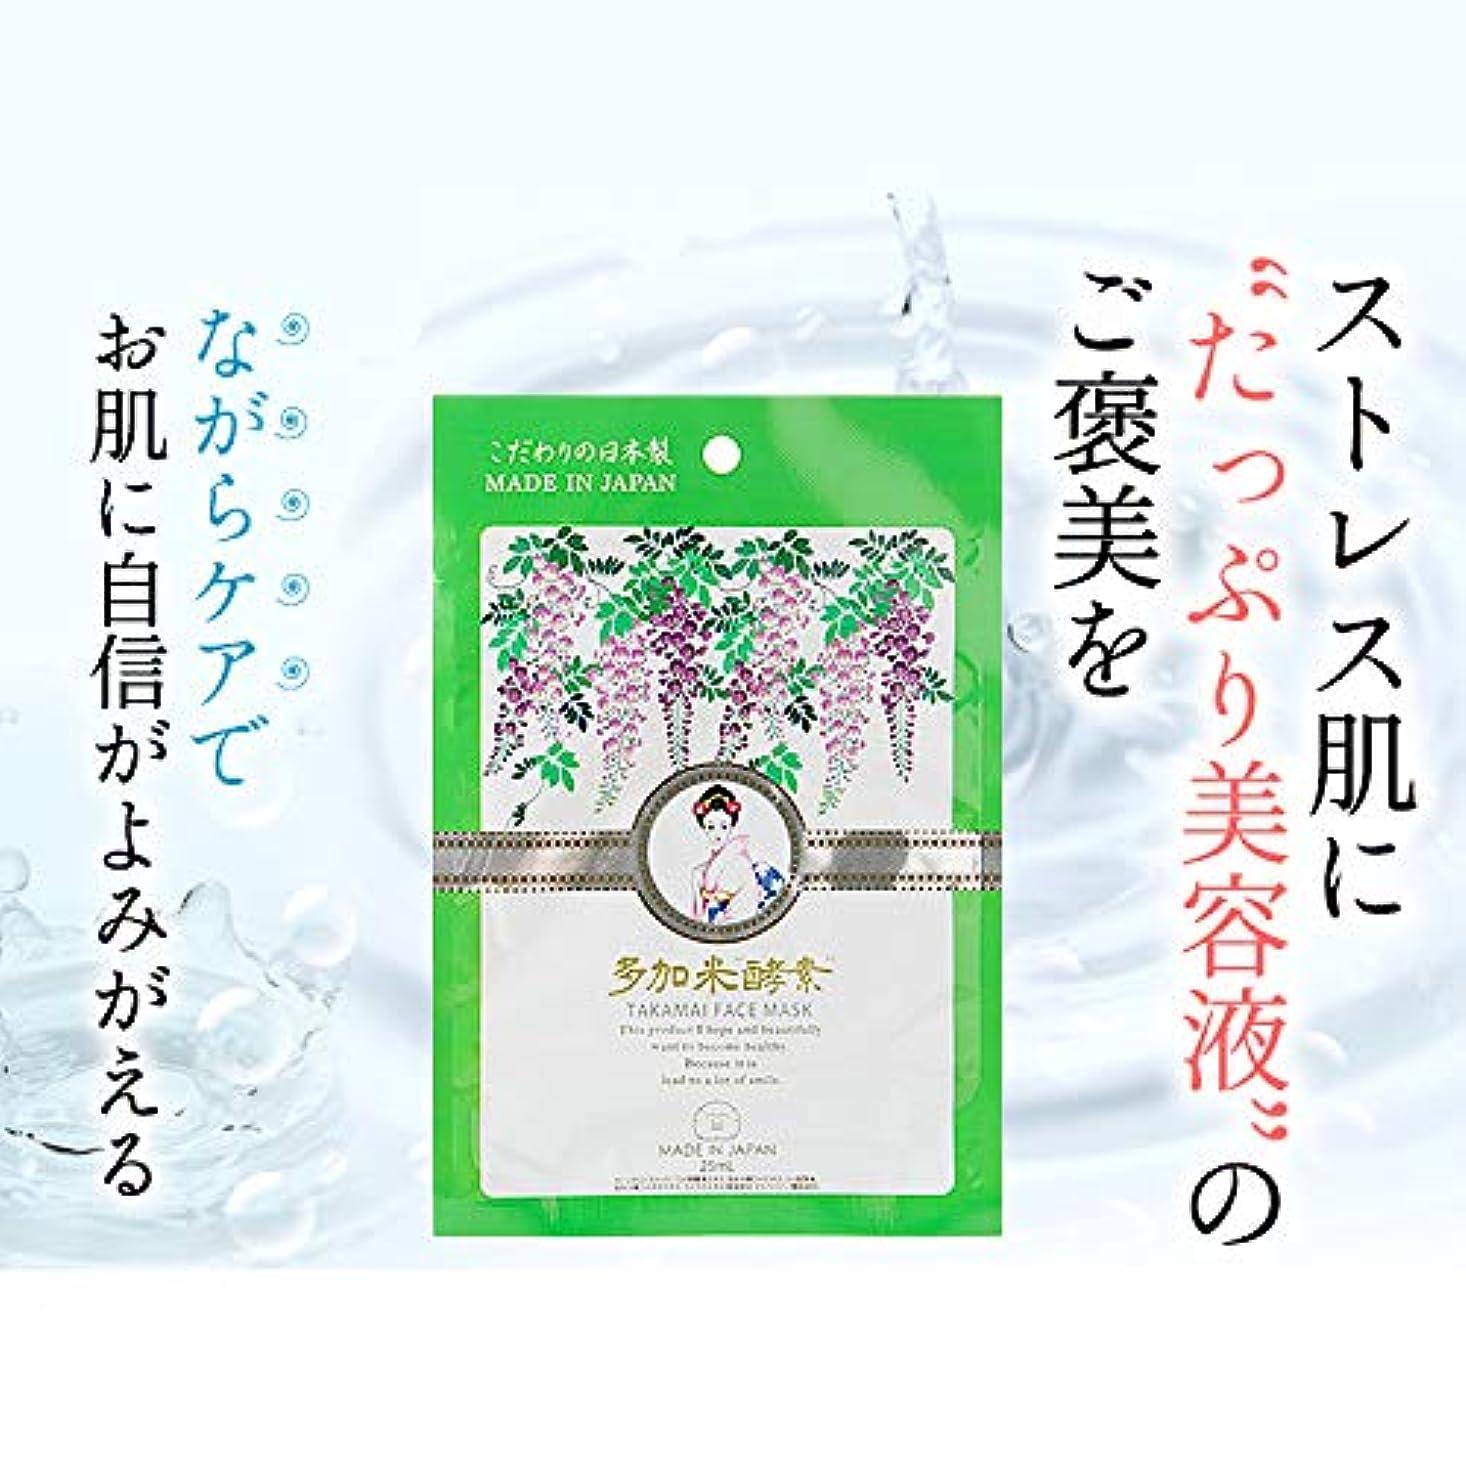 デクリメント成功パリティ多加米酵素フェイスマスク シートマスク フェイスマスク 保湿マスク 美容液 25ml 20枚セット